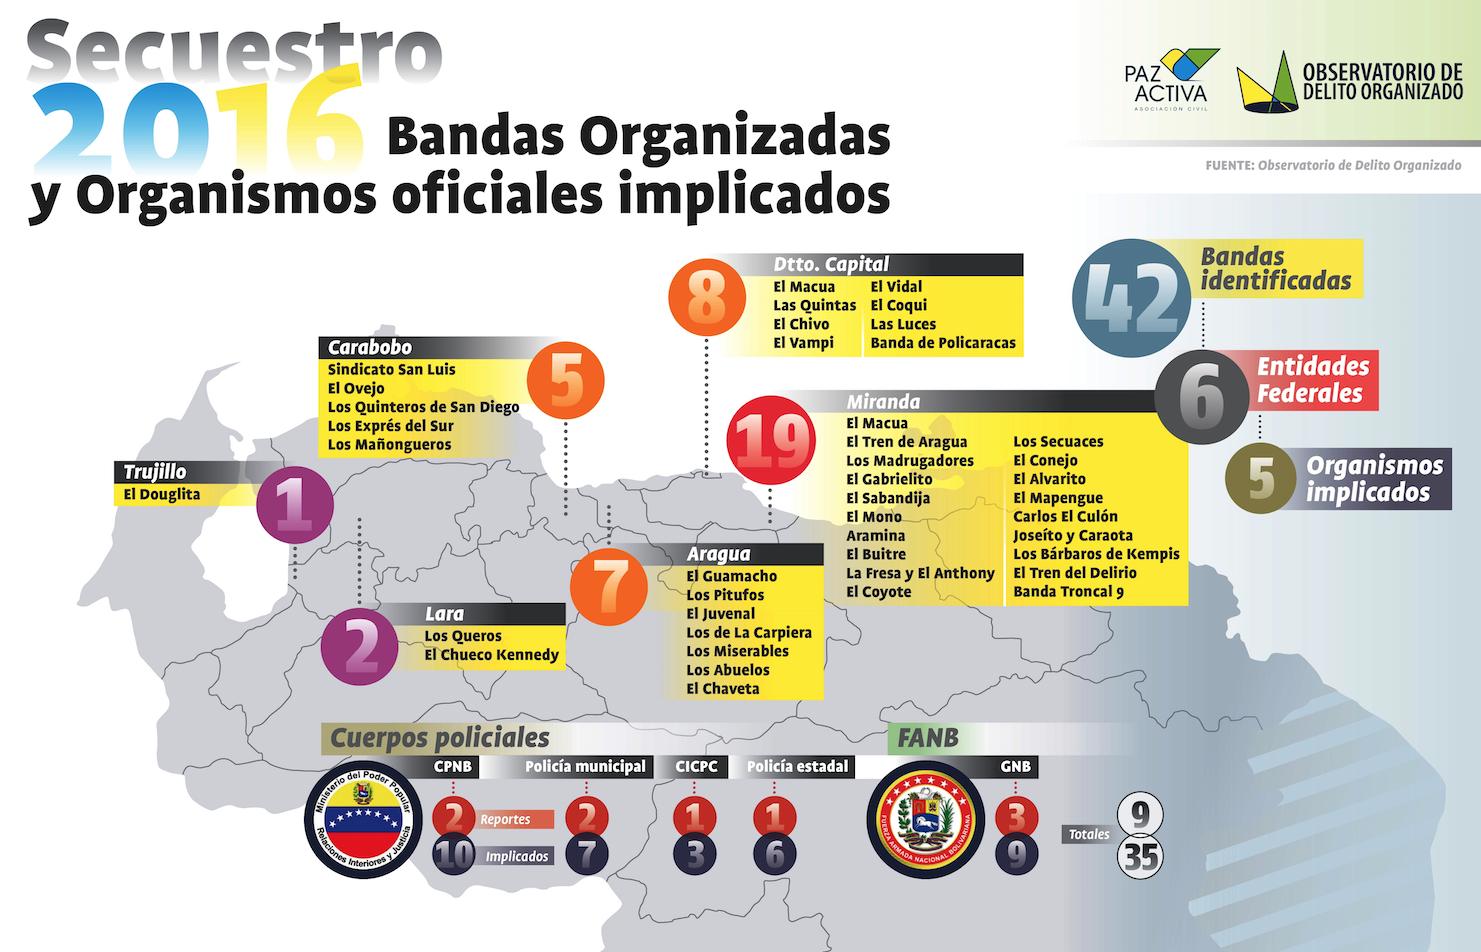 Observatorio del Delito Organizado: Tráfico de drogas y secuestro fueron los delitos más reportados durante 2016